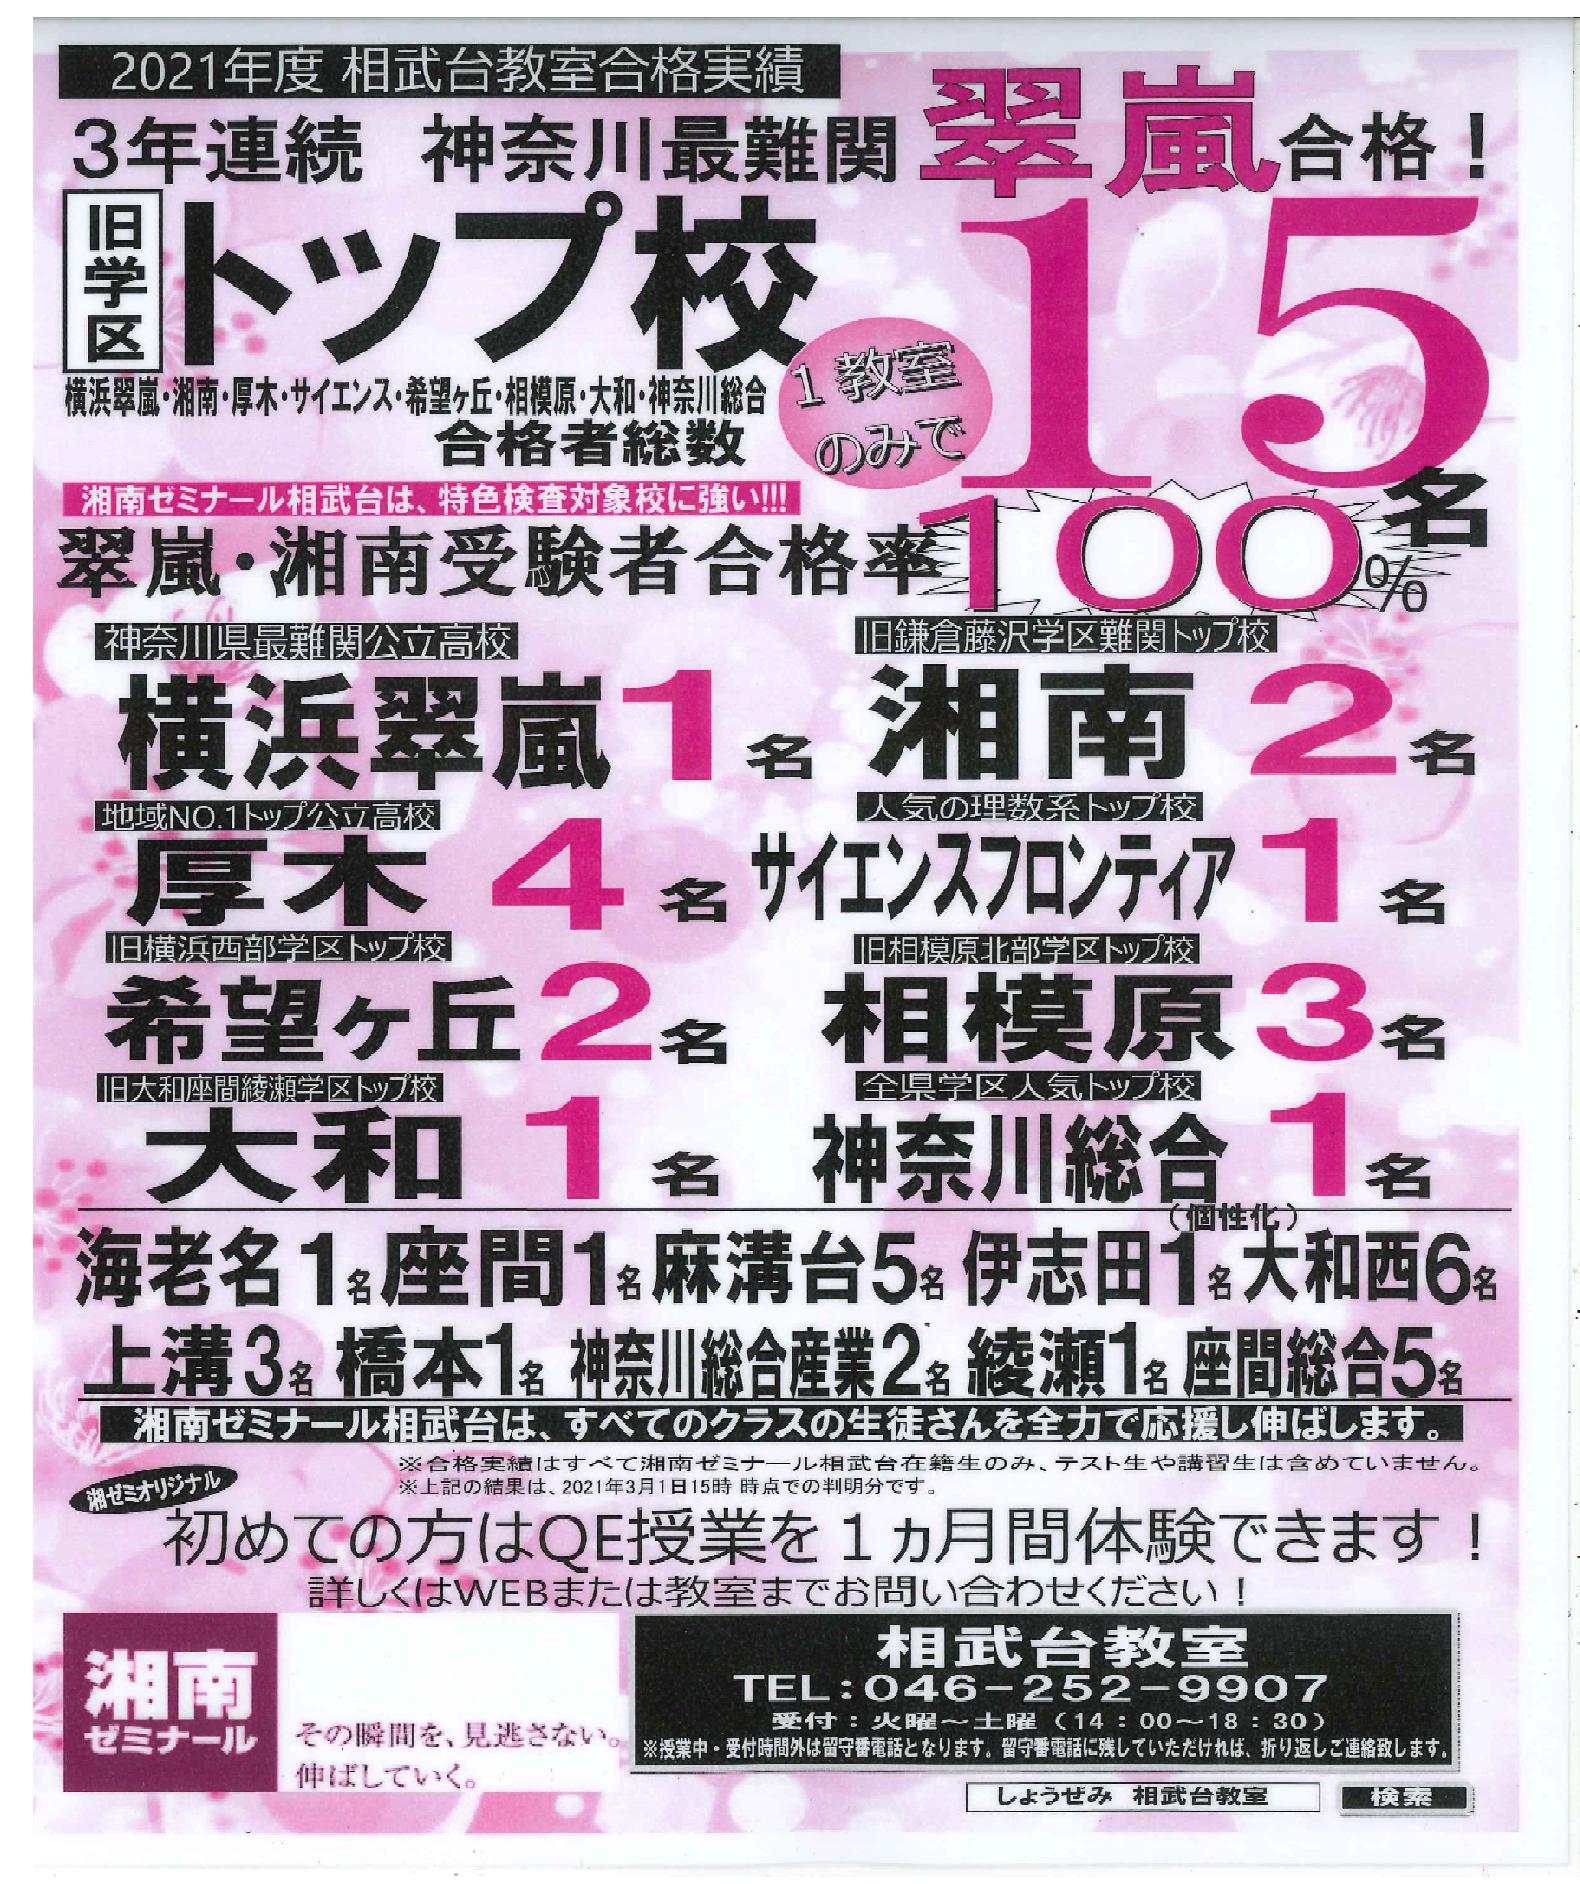 2021 湘ゼミ相武台 入試結果チラシ4 .png